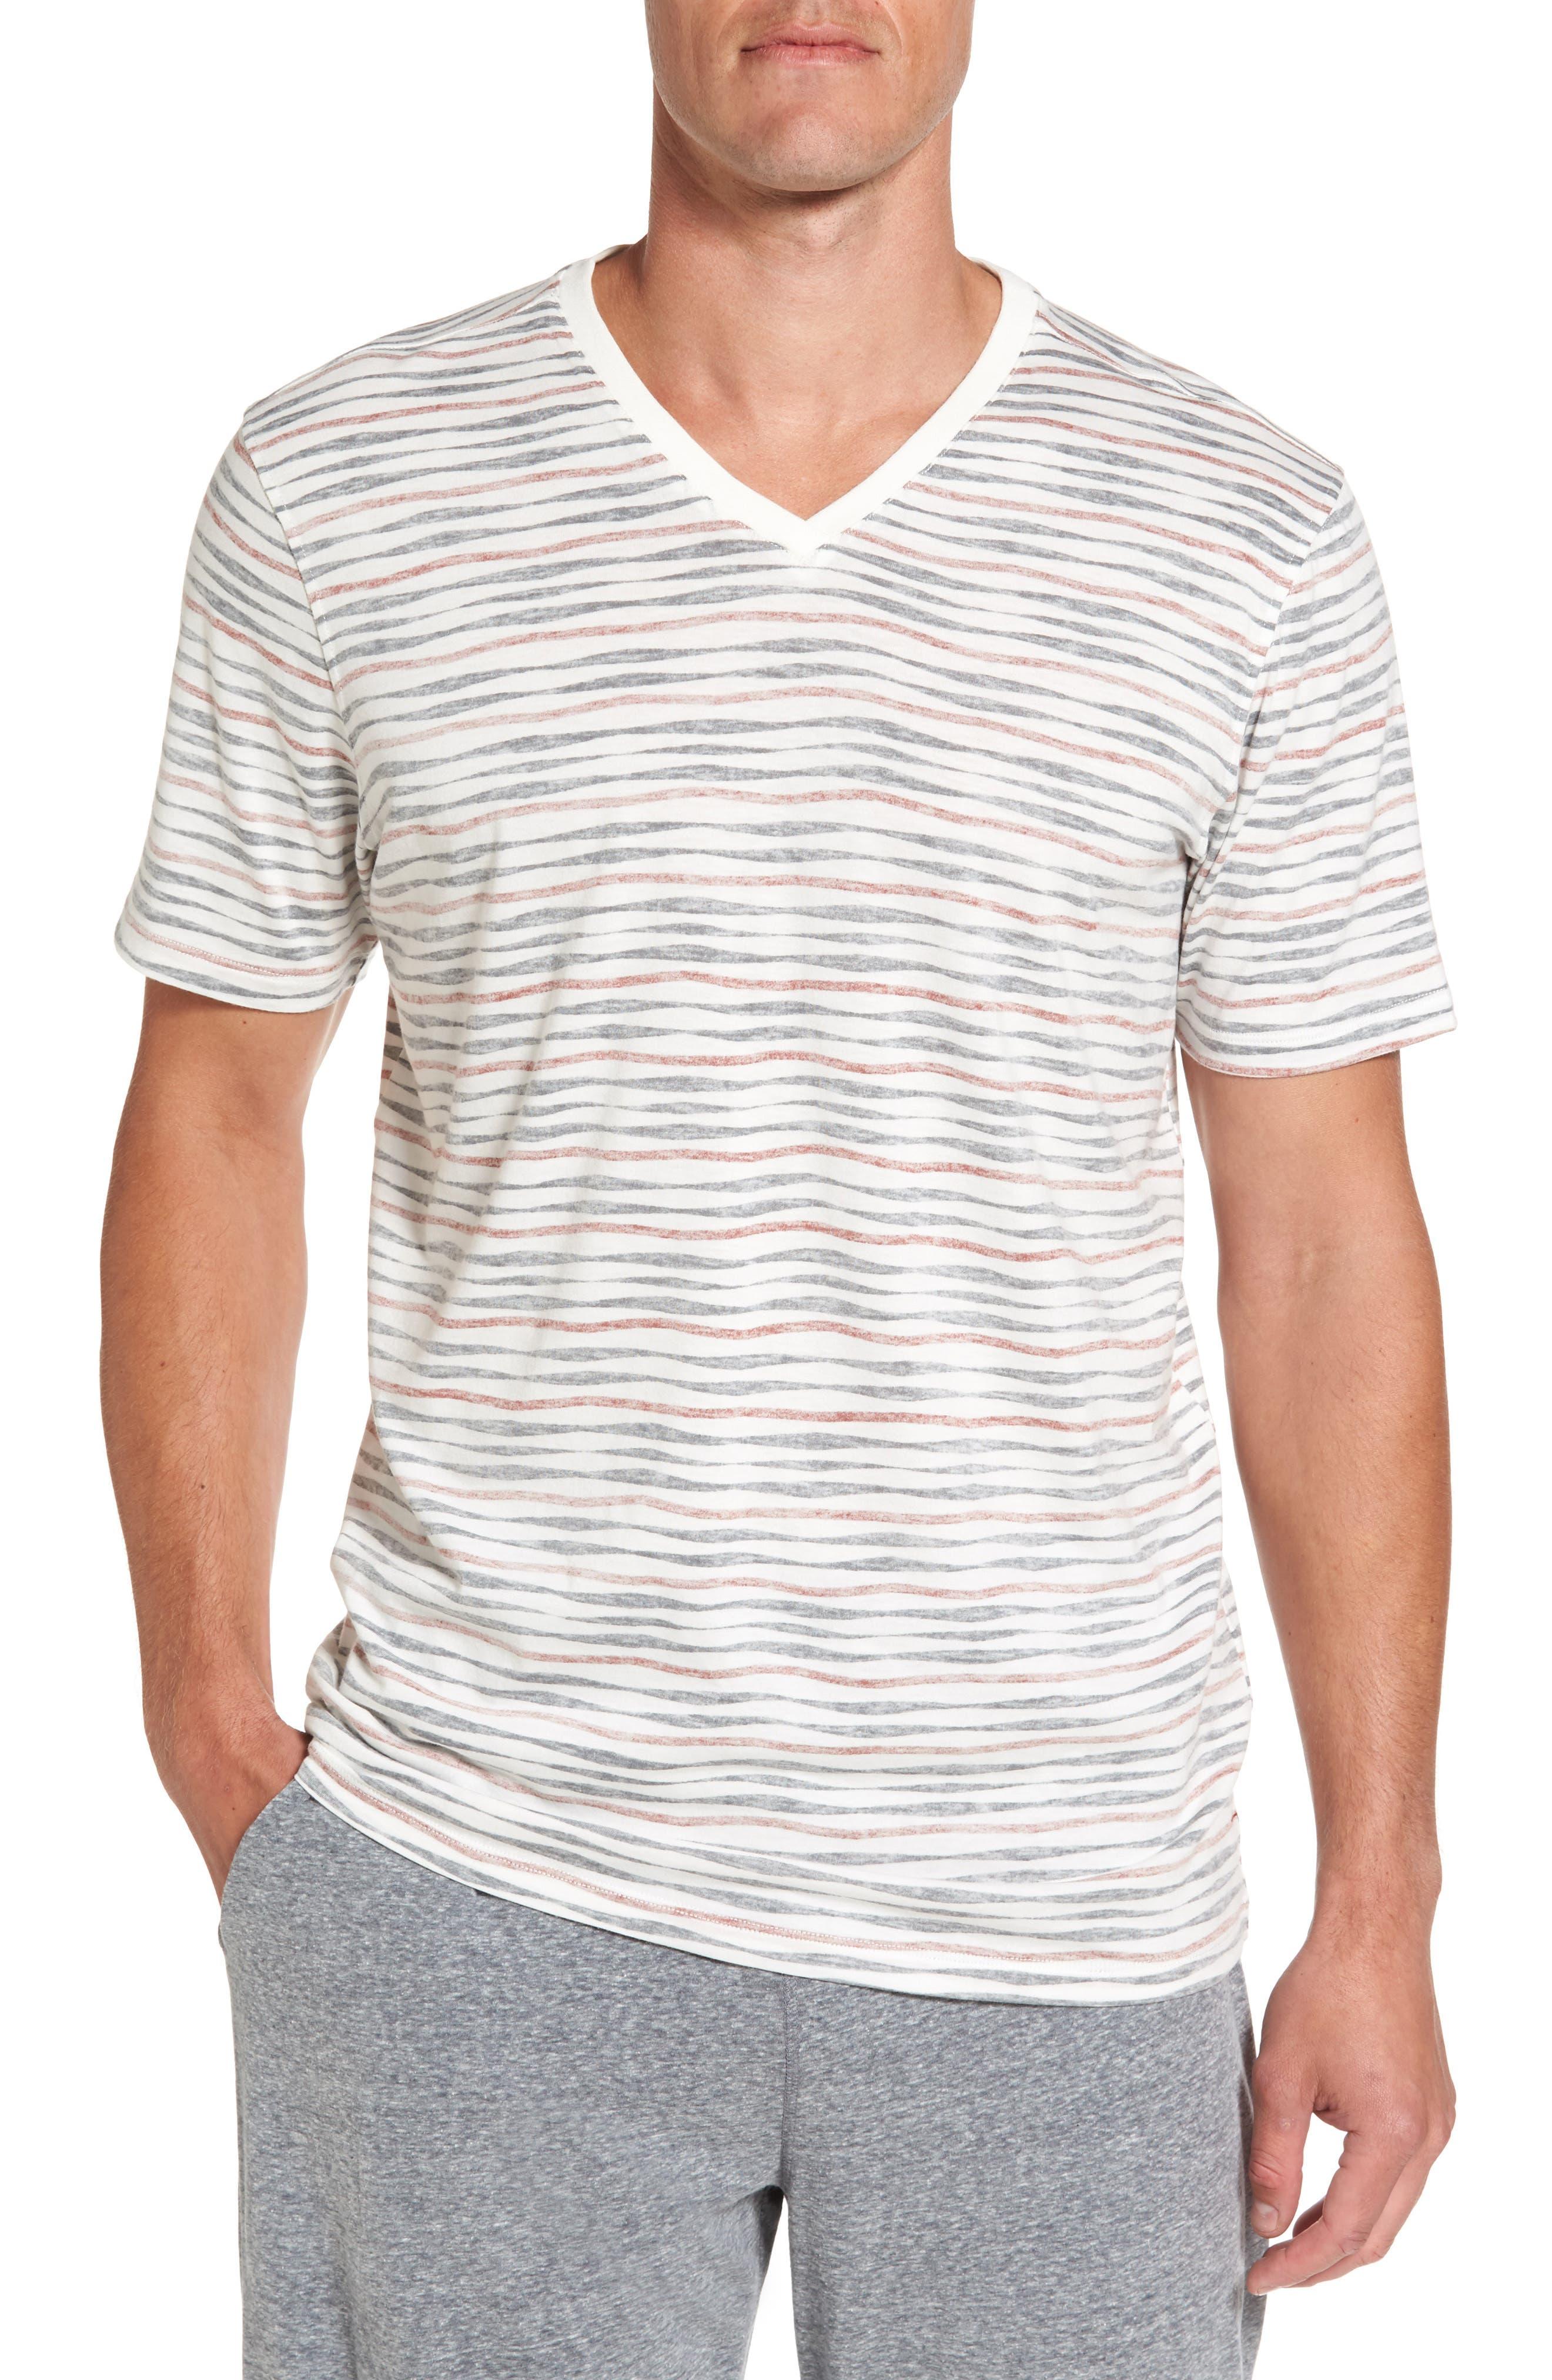 Alternate Image 1 Selected - Daniel Buchler V-Neck T-Shirt